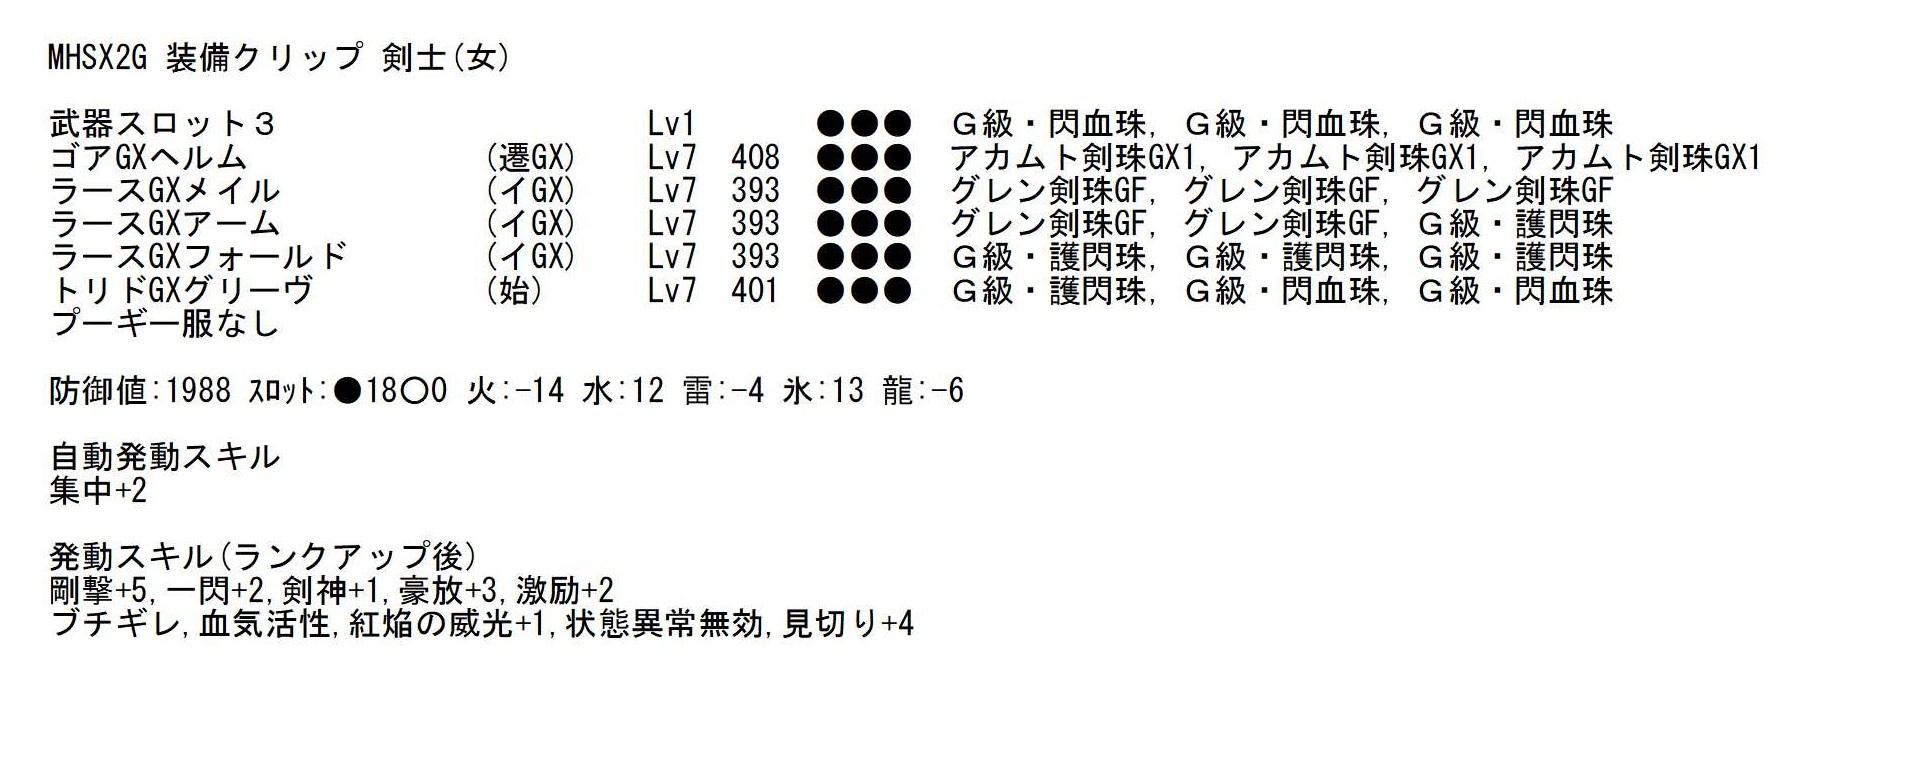 メモ帳-7